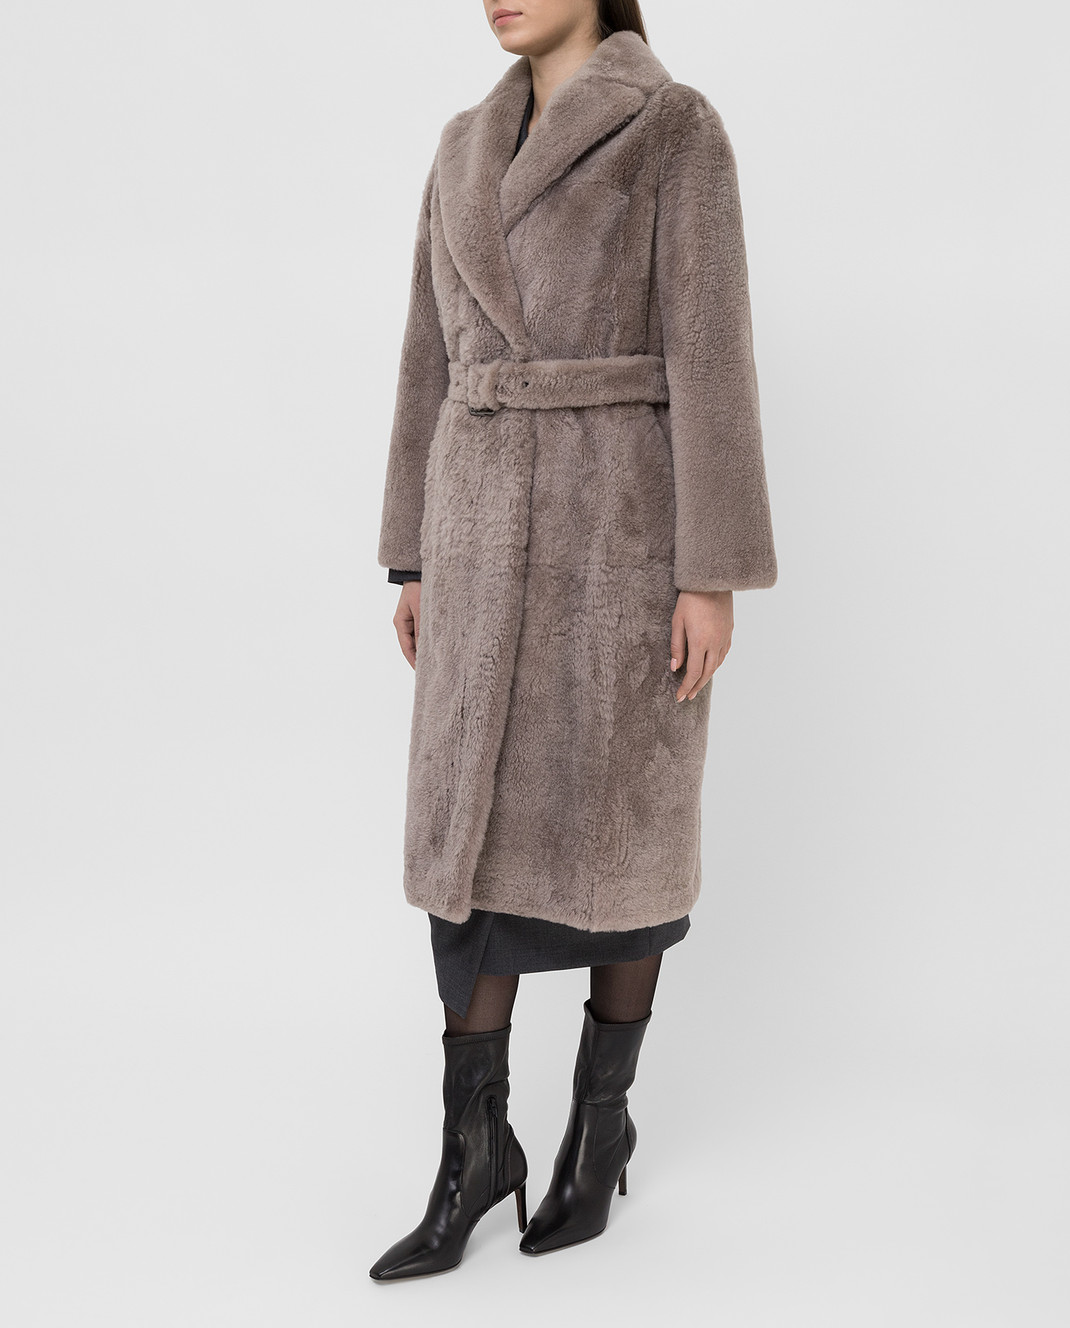 Brunello Cucinelli Бежевое меховое пальто изображение 3